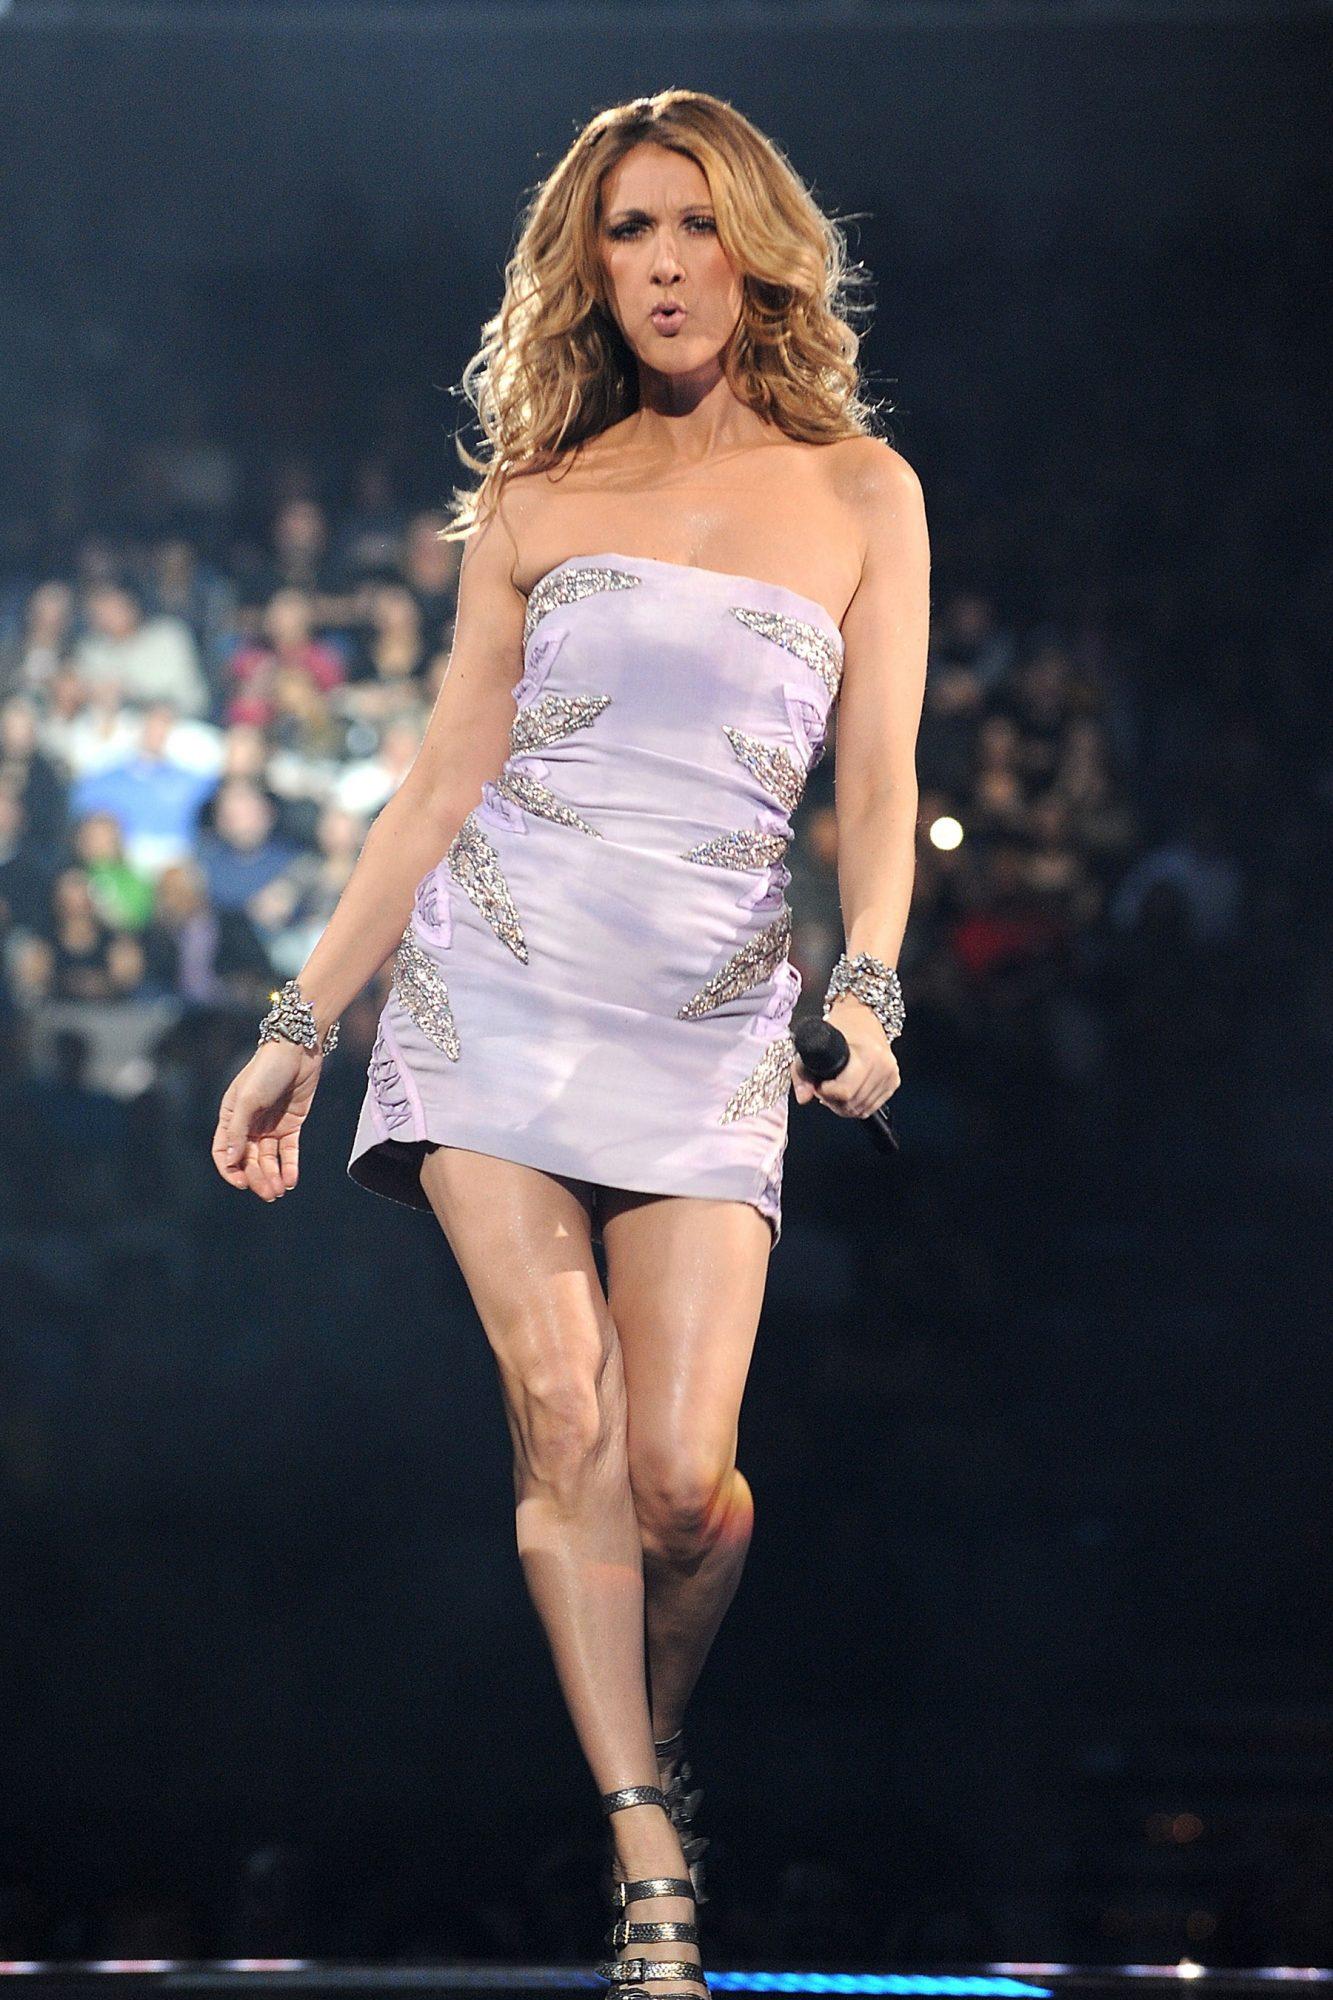 Celine Dion in Concert - San Jose, California